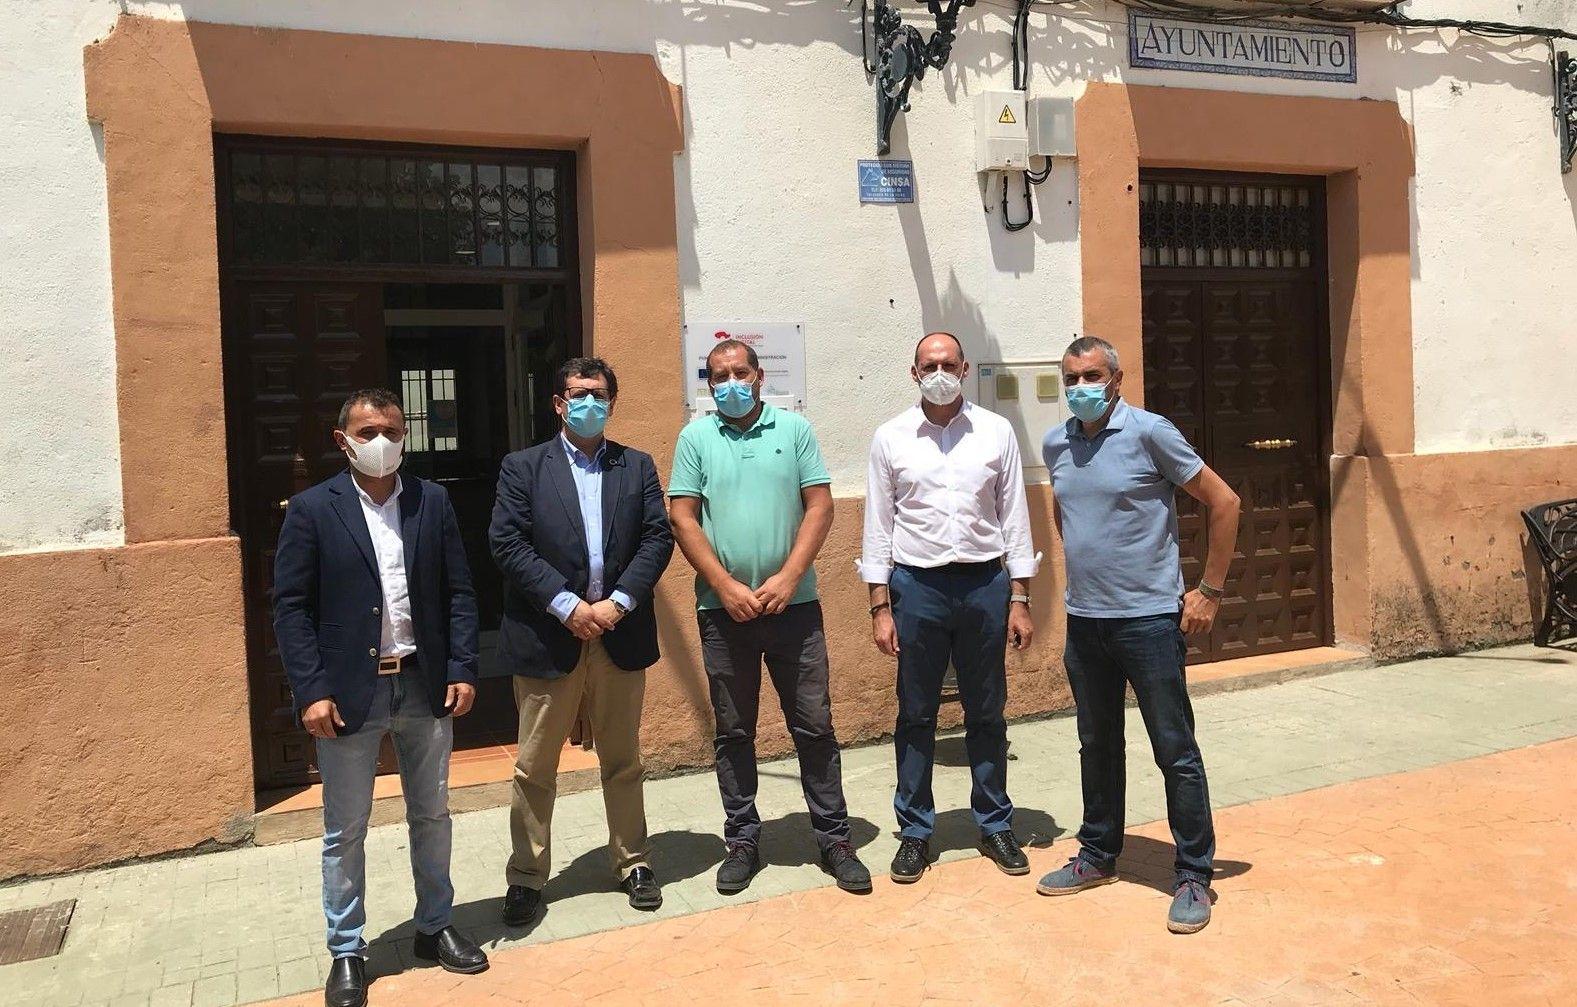 El Gobierno regional ofrece su colaboración al Ayuntamiento de Cardiel de los Montes para realizar un Plan de Ordenación Municipal (POM) acorde a las necesidades del municipio